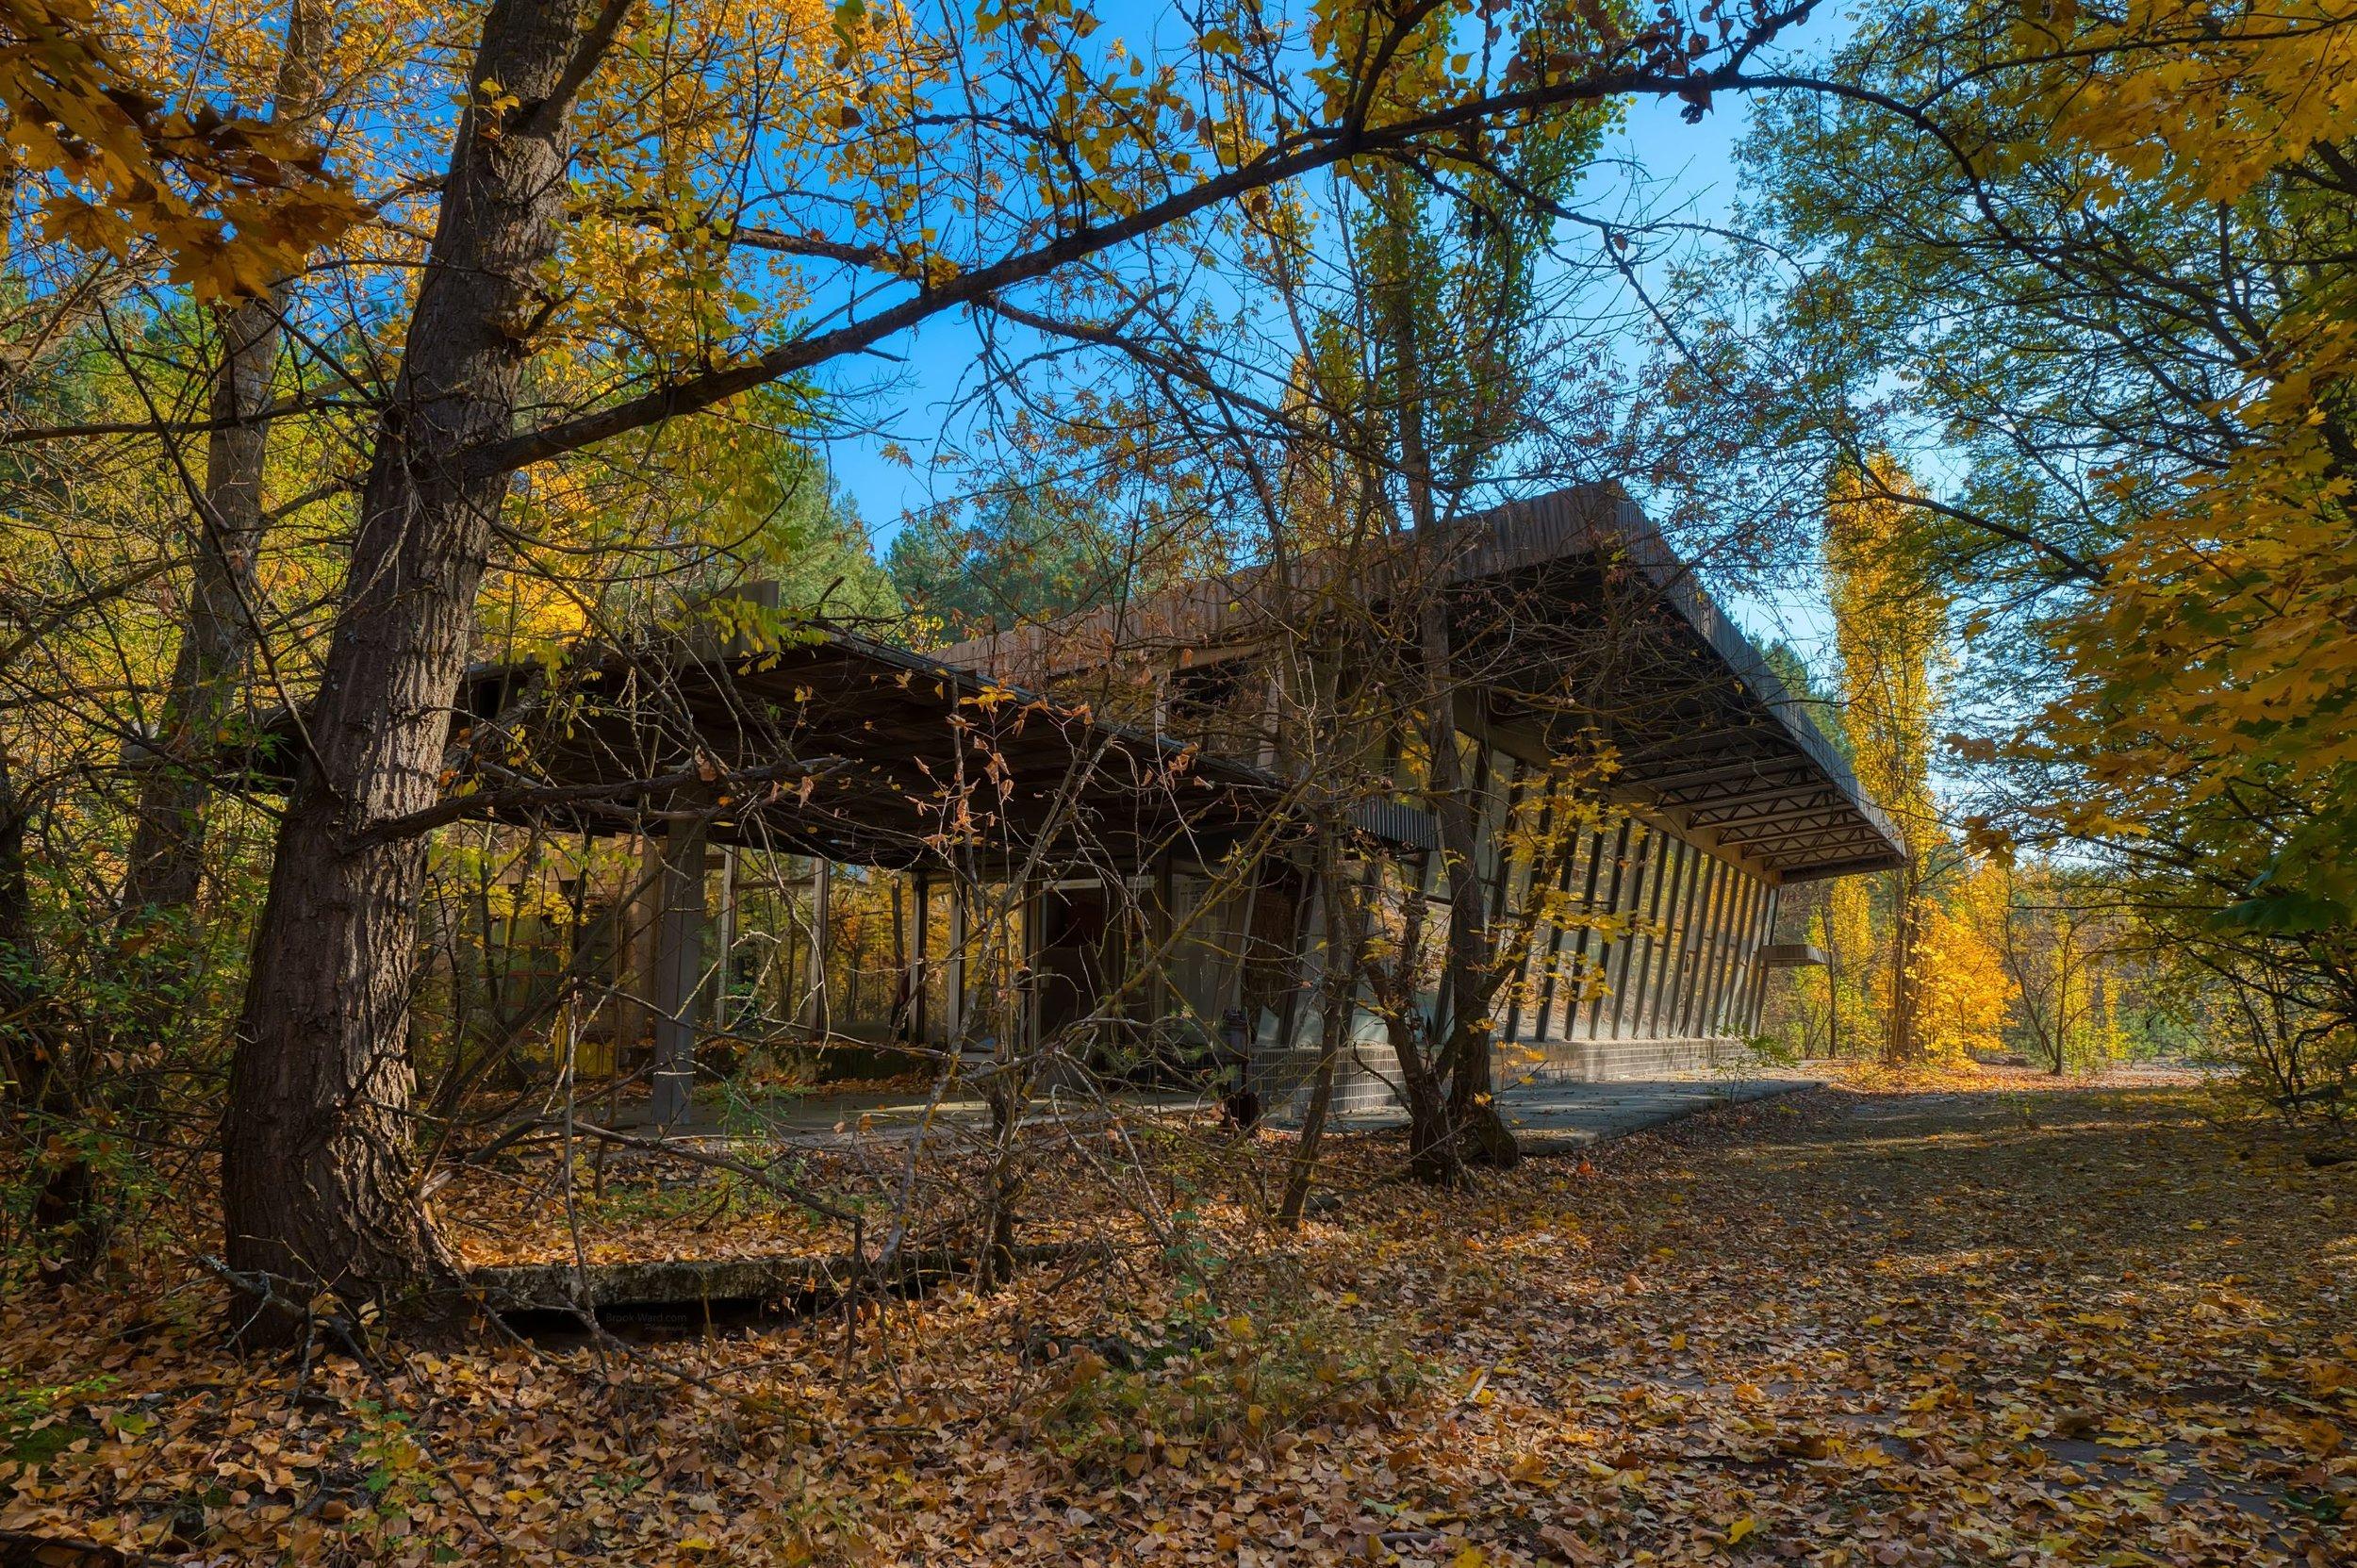 Chernobyl Bus Station